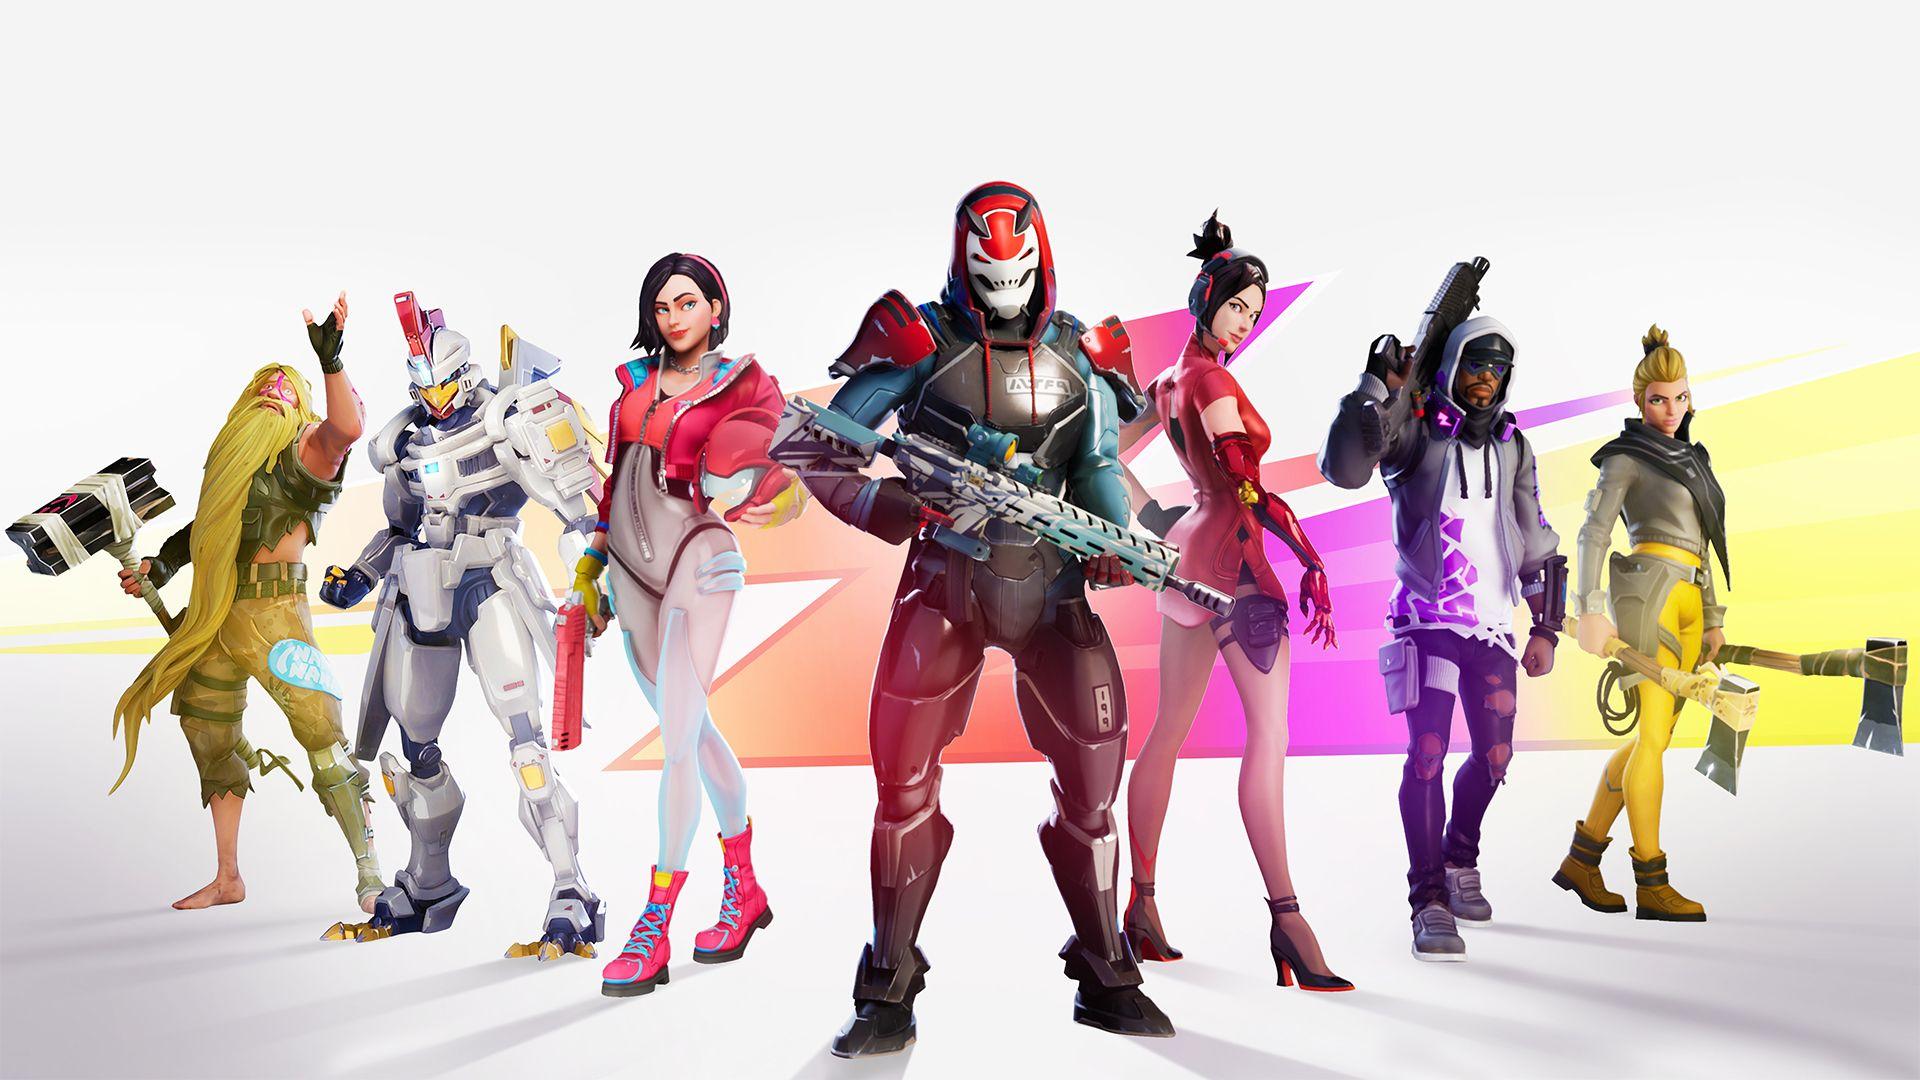 Epic Games Annonce La Disponibilite De La Saison 9 De Fortnite Fortnite Jeux Video Battle Royale